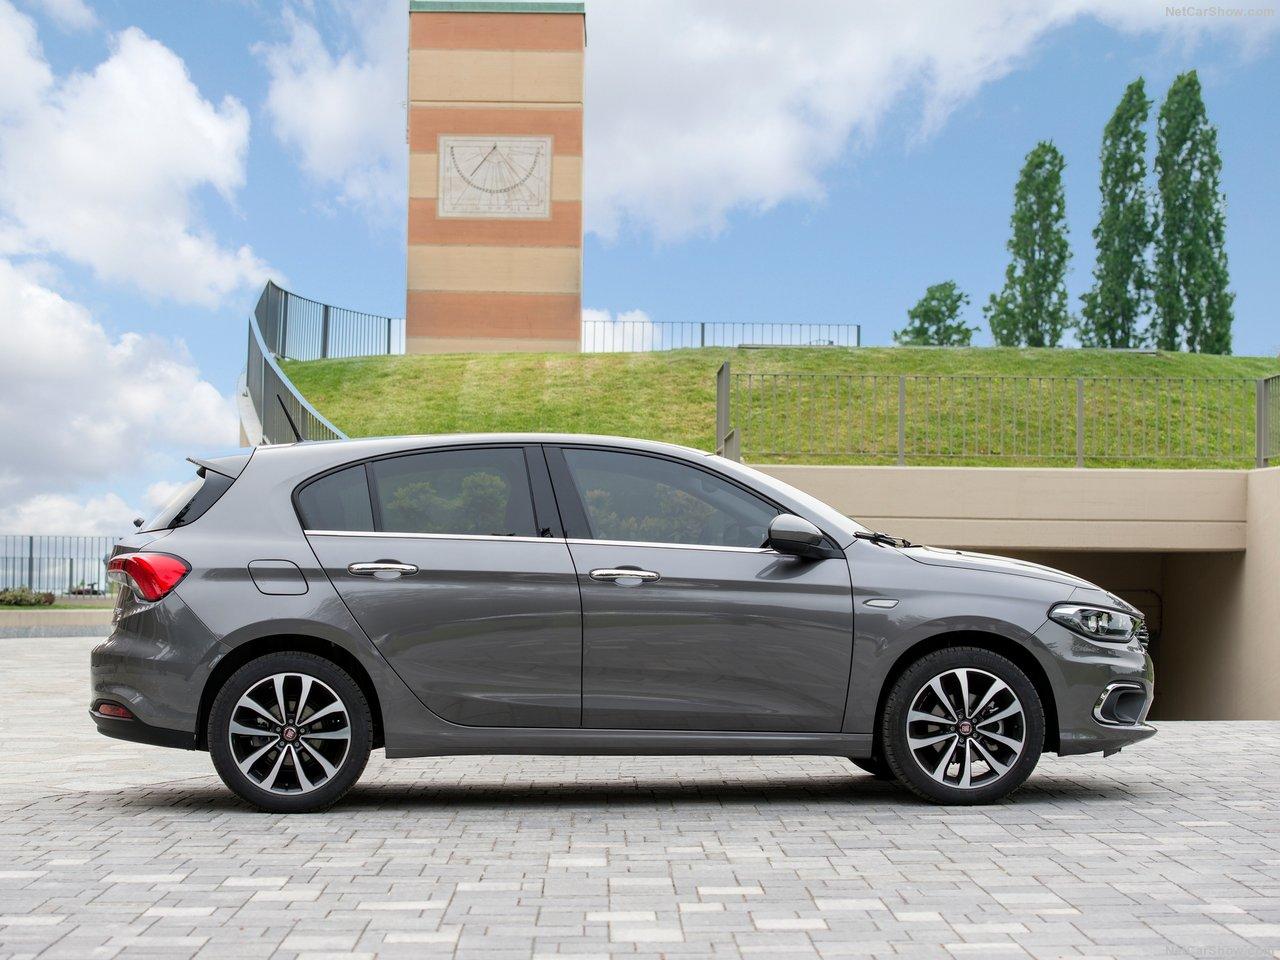 Fiat-Tipo_5-door-2017-1280-06